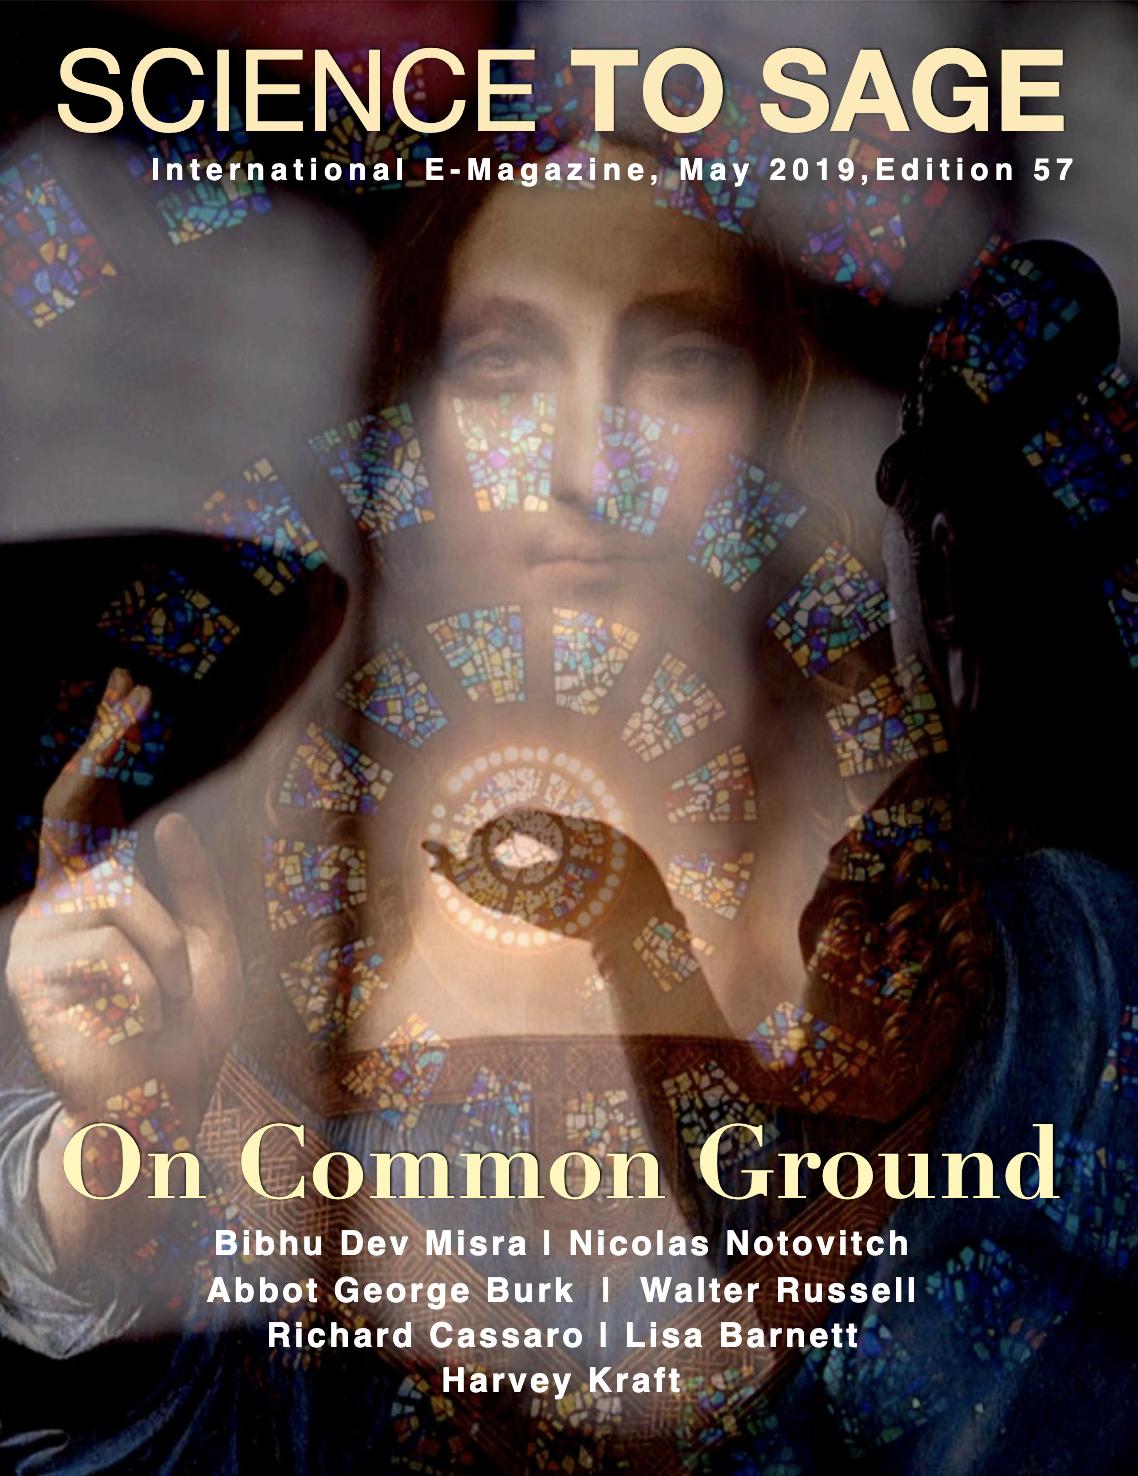 58-ON COMMON GROUND